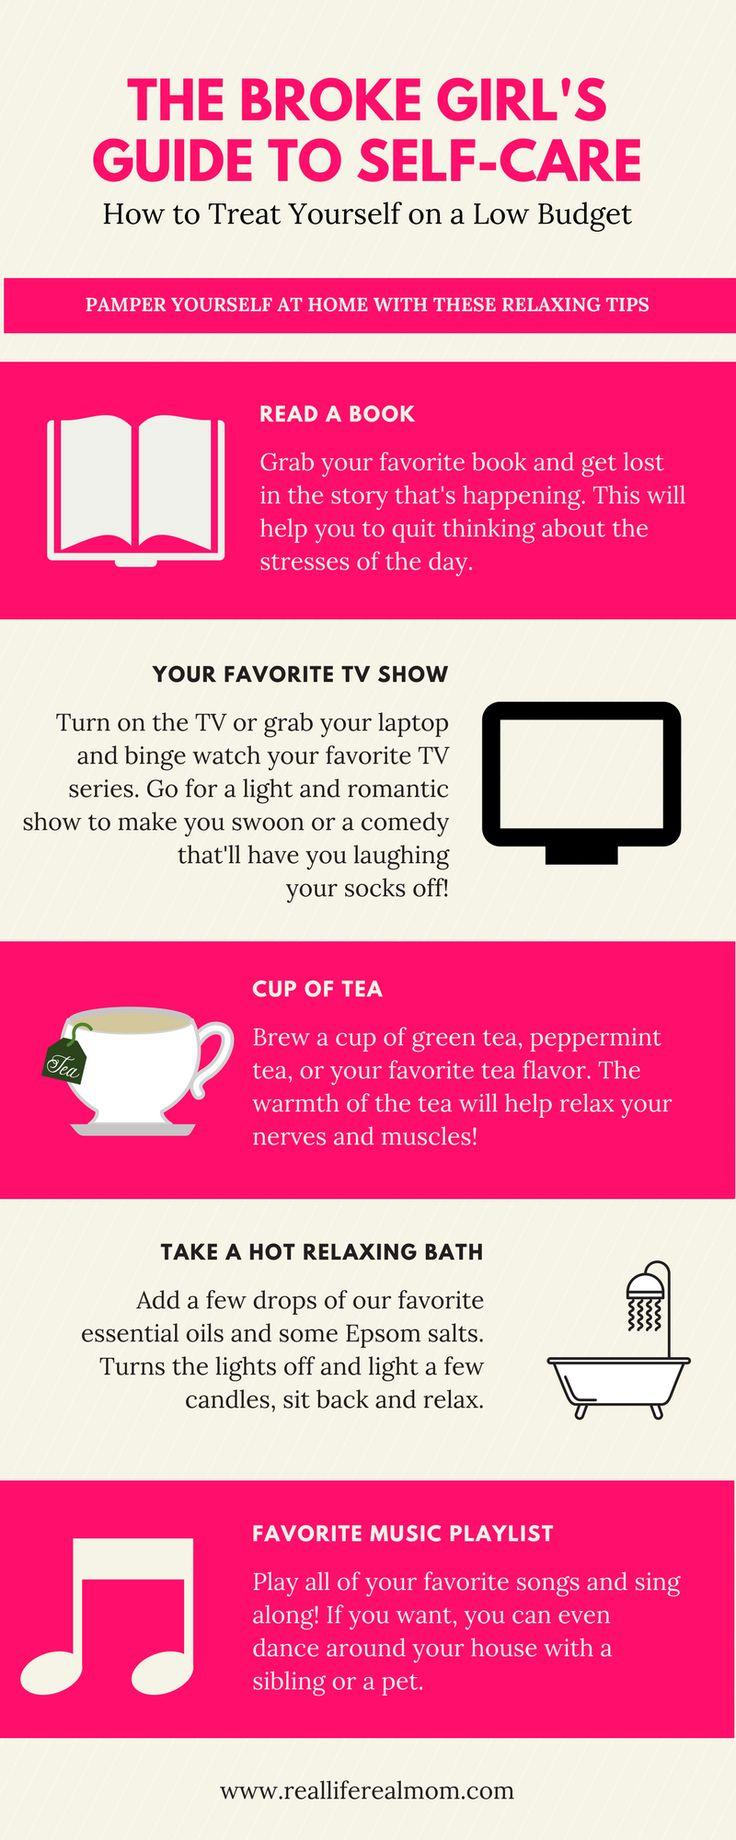 Top 10 Self-Care Strategies